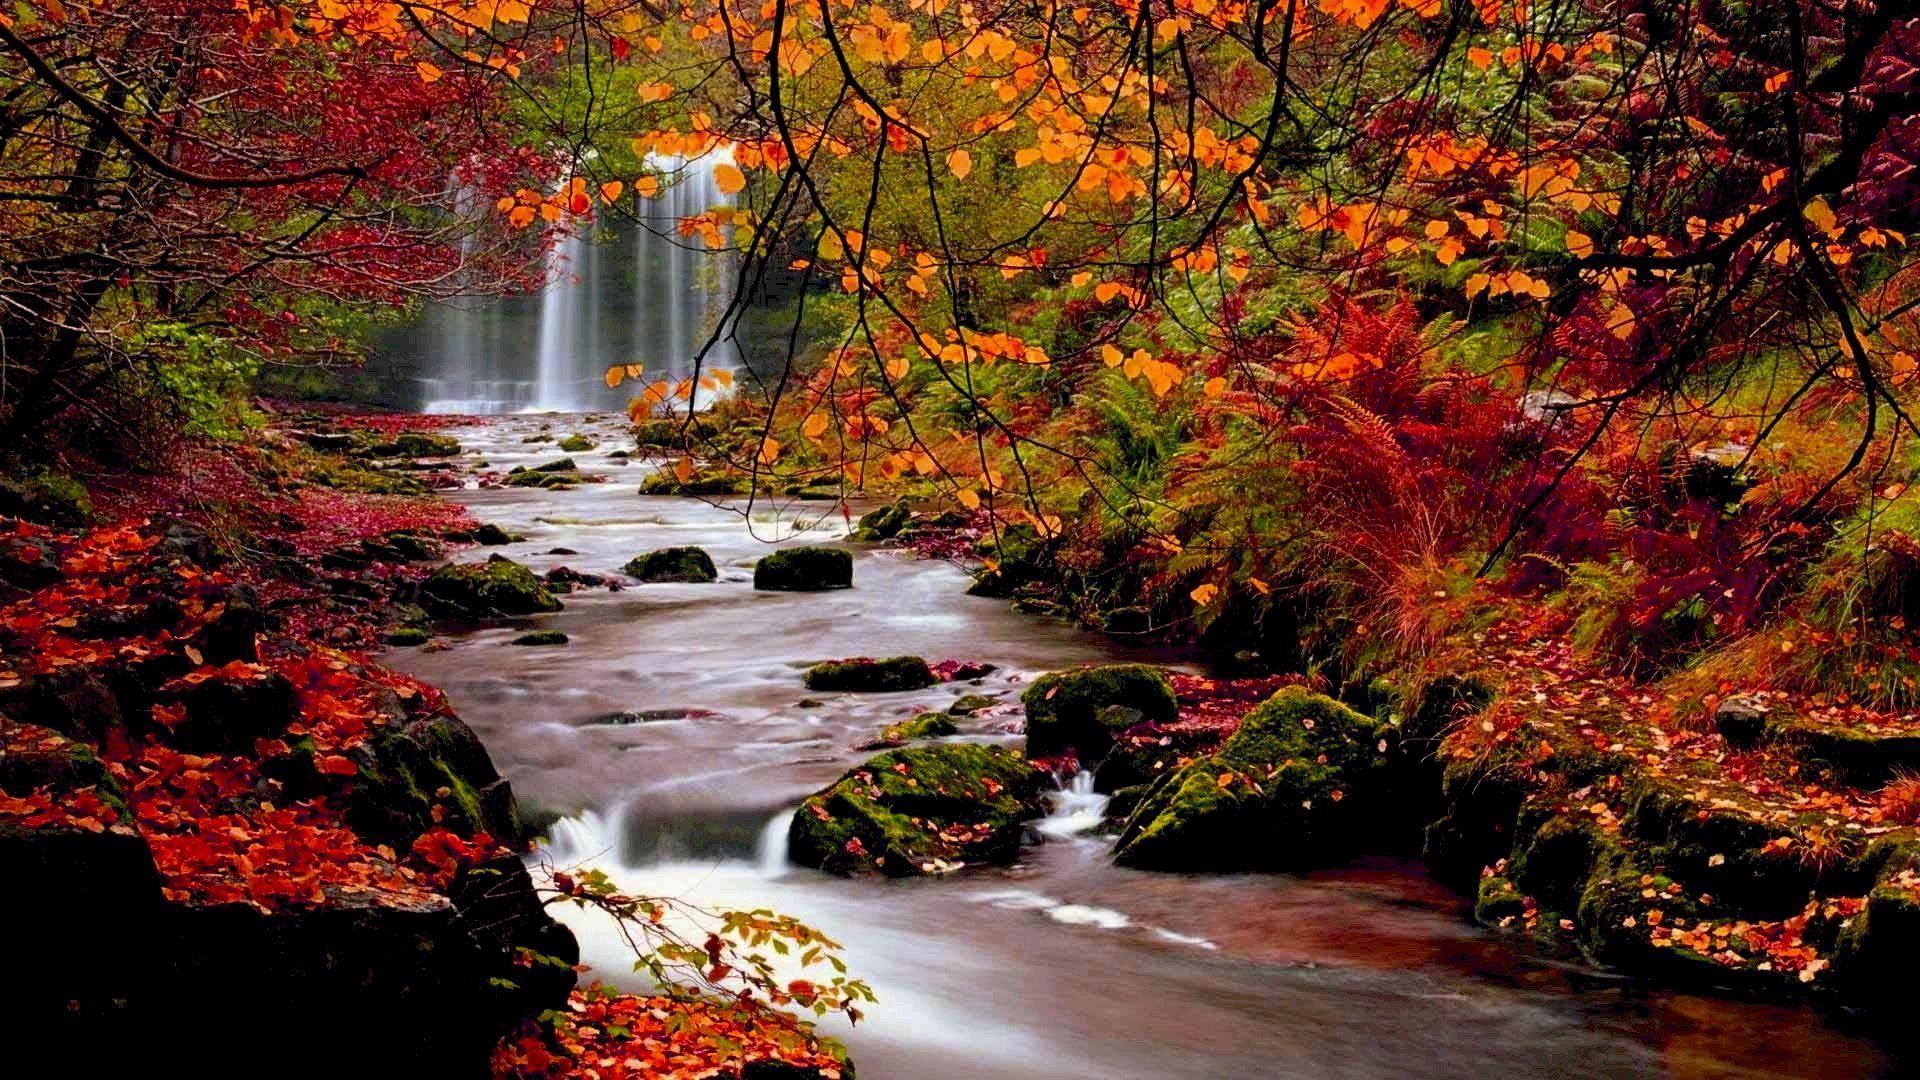 Desktop wallpaper autumn scenes 41 images - Pics of fall scenes ...